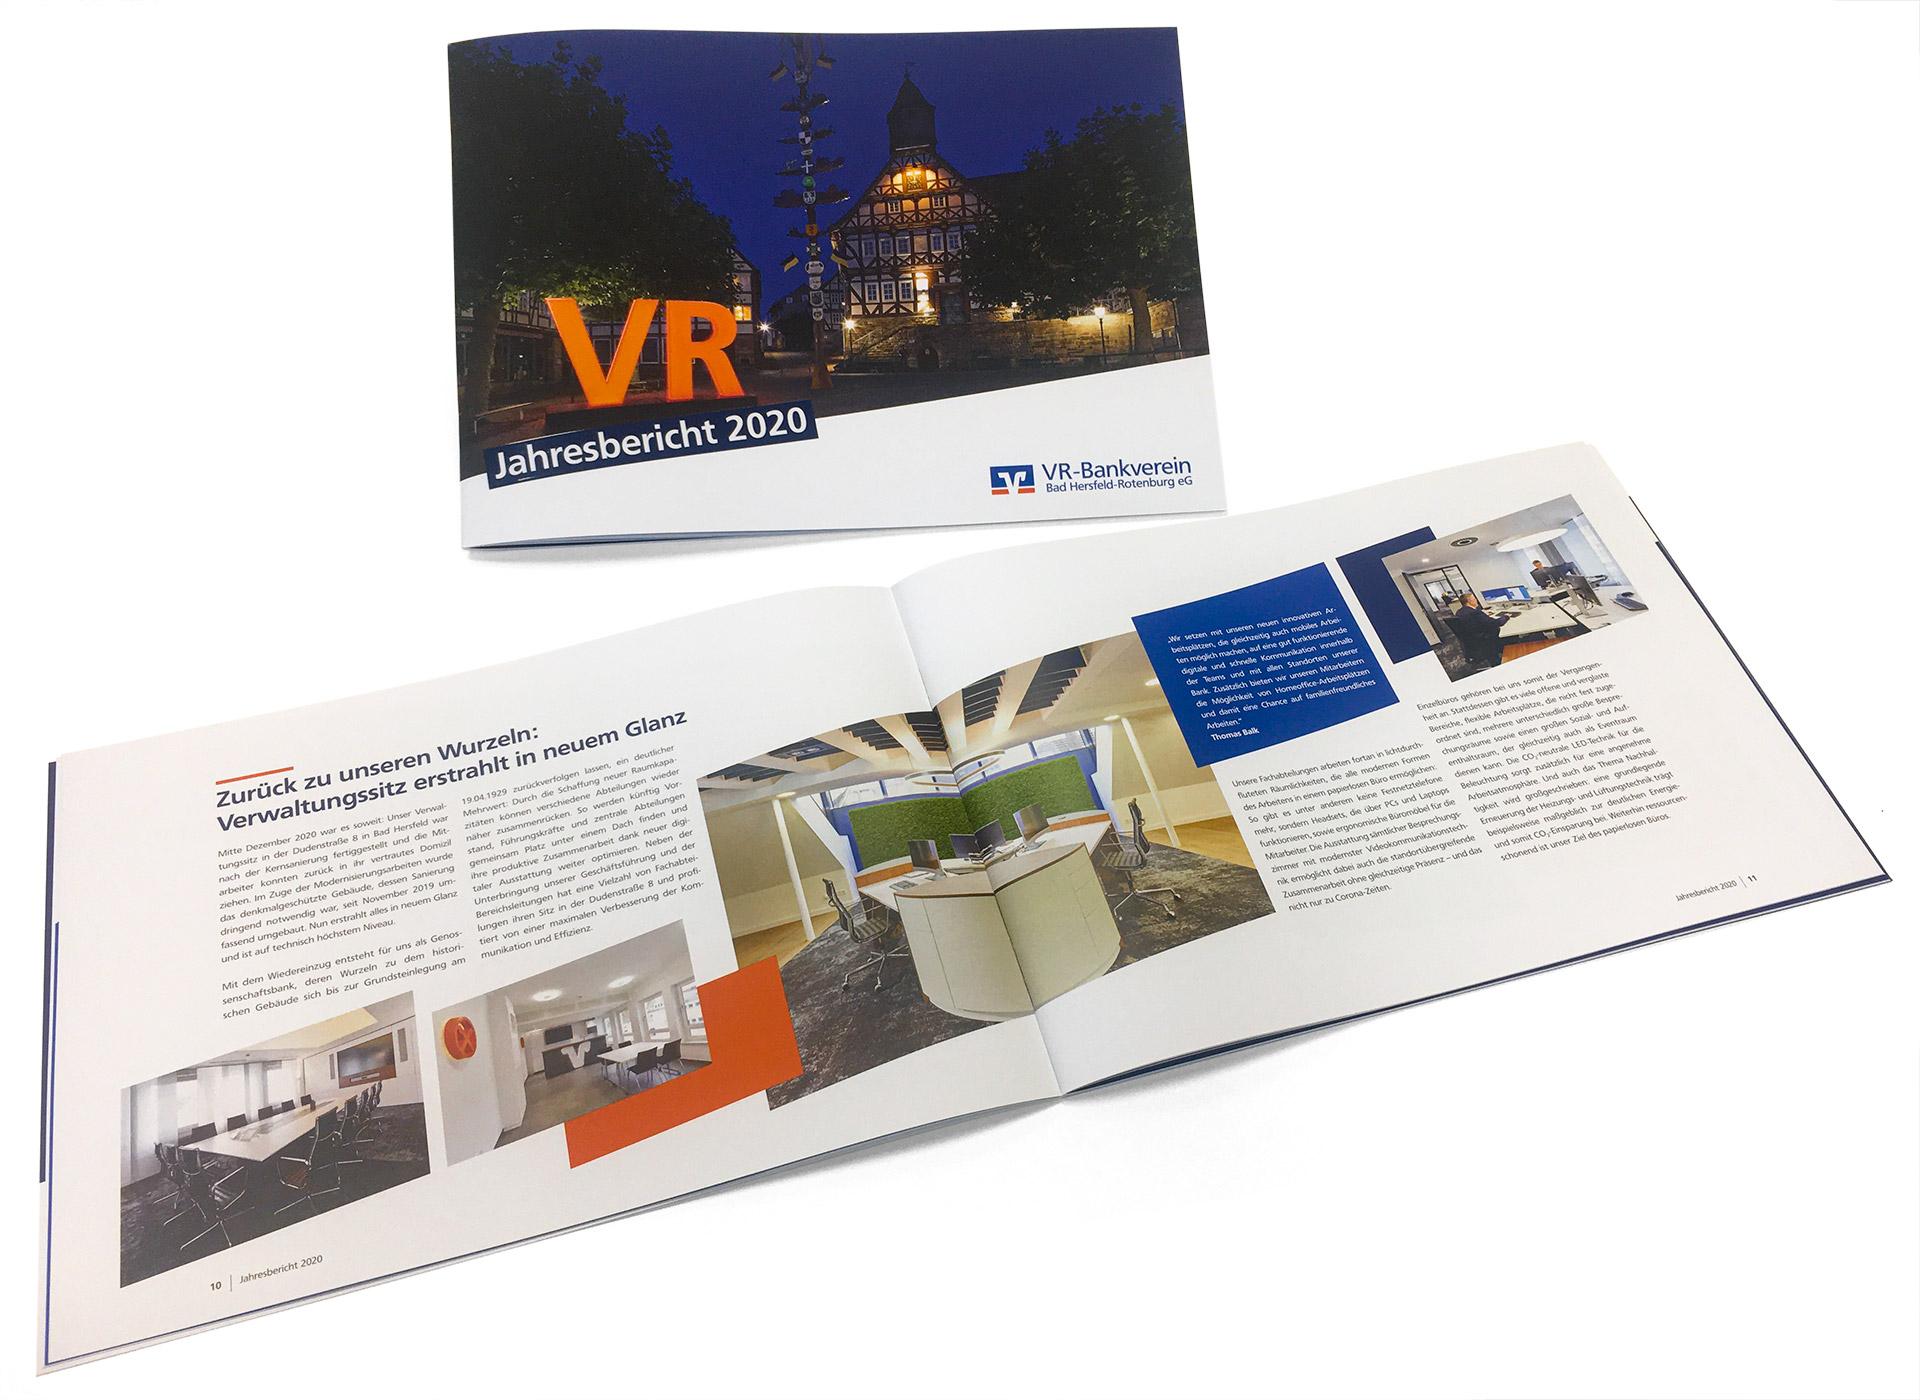 Geschäftsbericht 2020 der VR-Bankverein Bad Hersfeld-Rotenburg eG